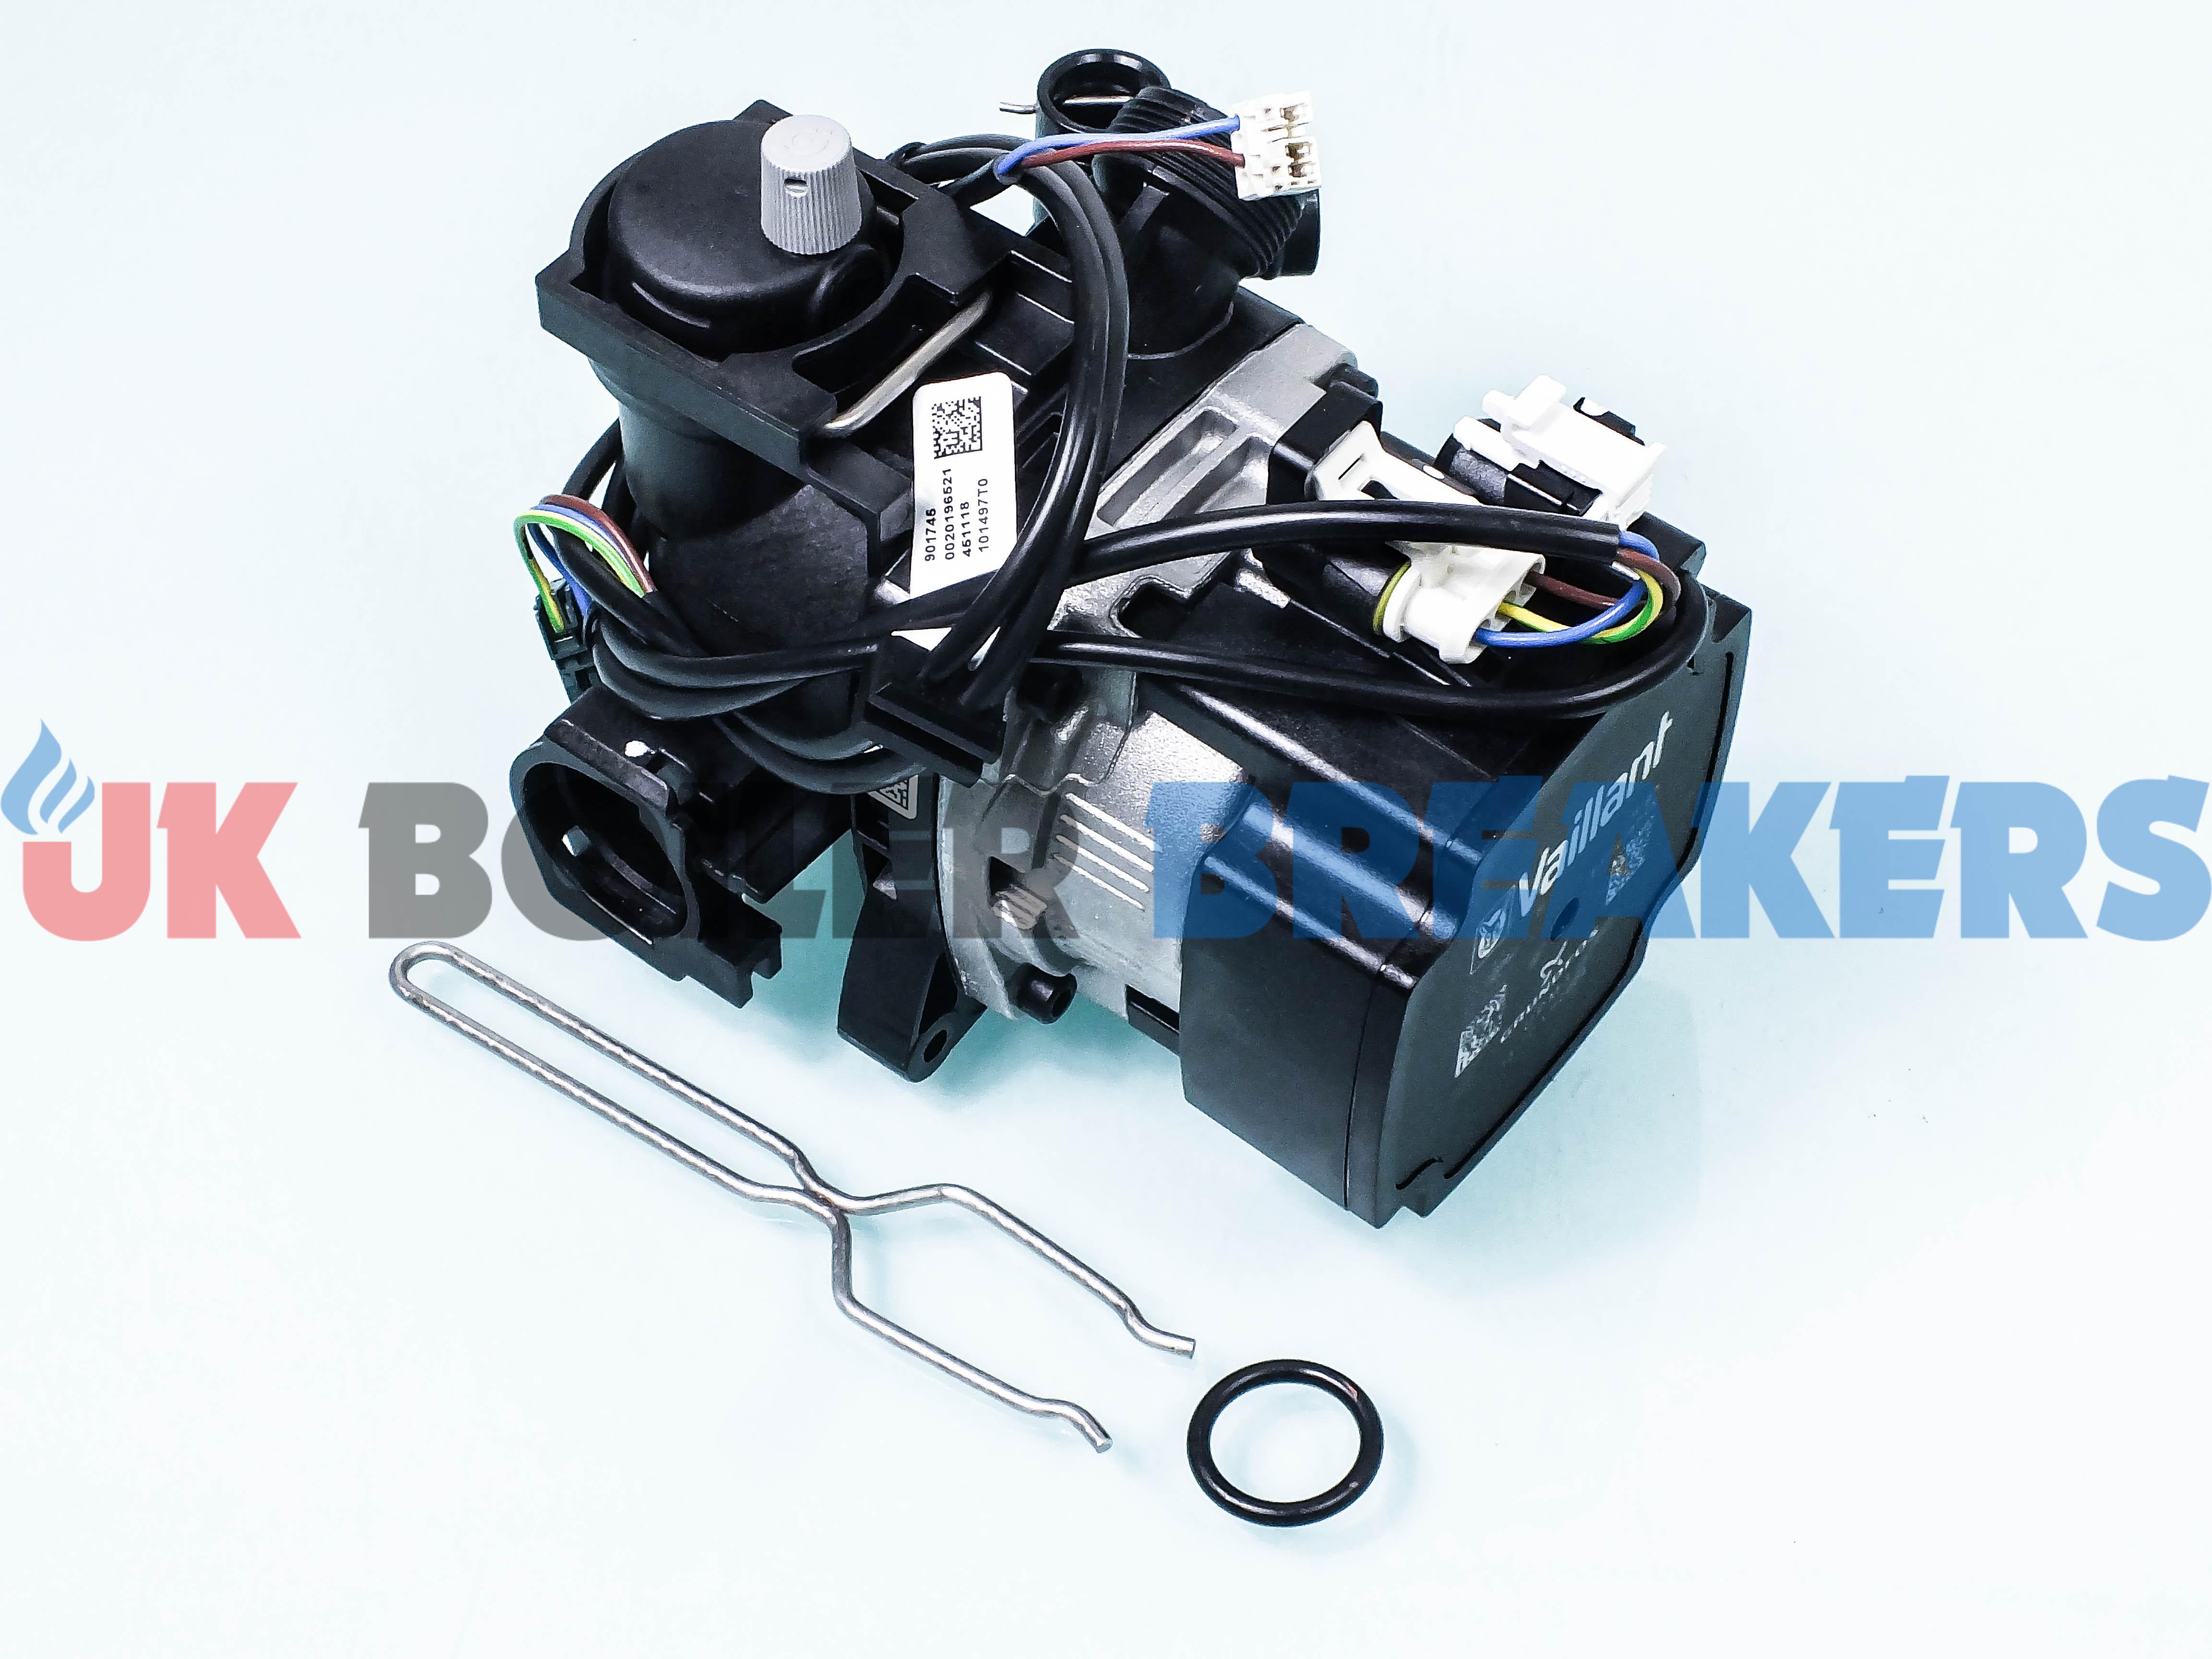 BoilerBreakers Vaillant 22 0020221616 41 GC UK 694 Pump OukXPiZ